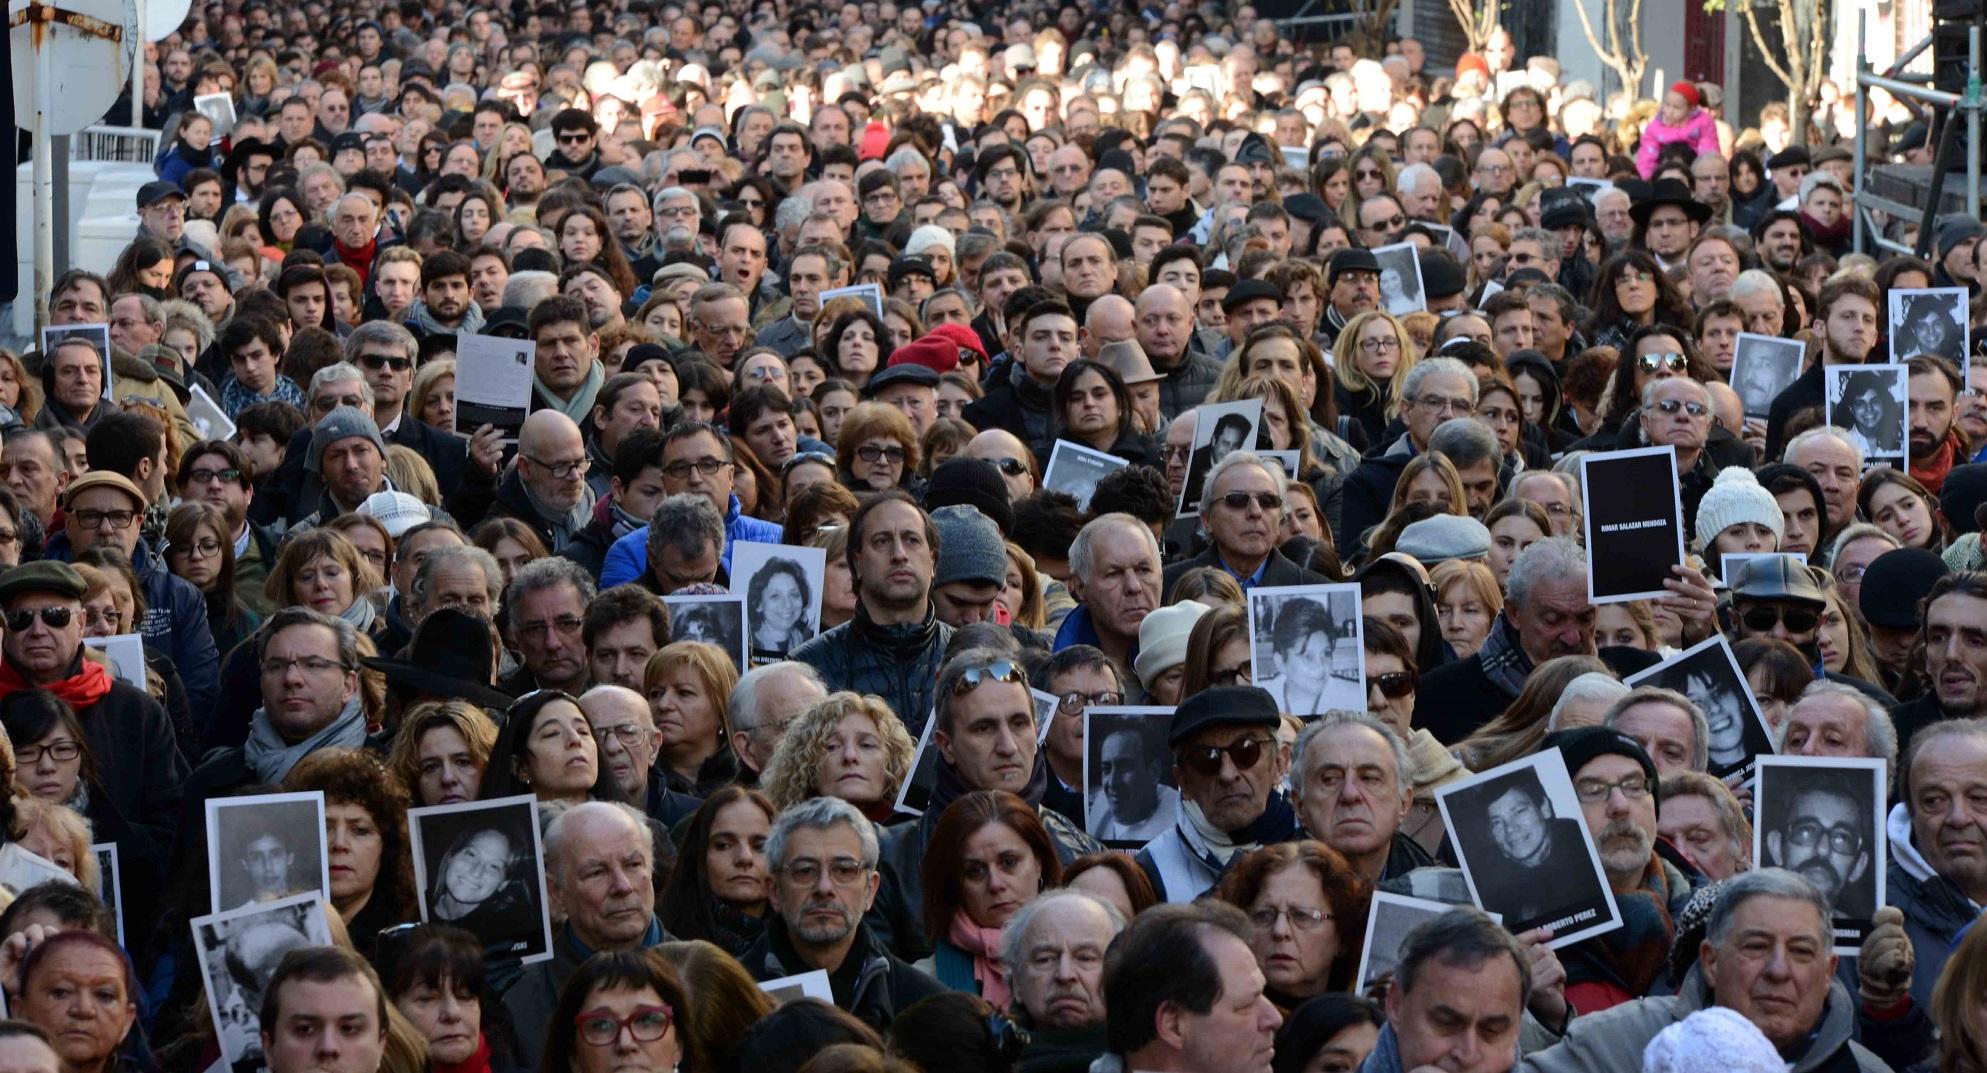 Otamendi, Avruj y Cimadevilla participaron del homenaje a las víctimas del atentado a la AMIA